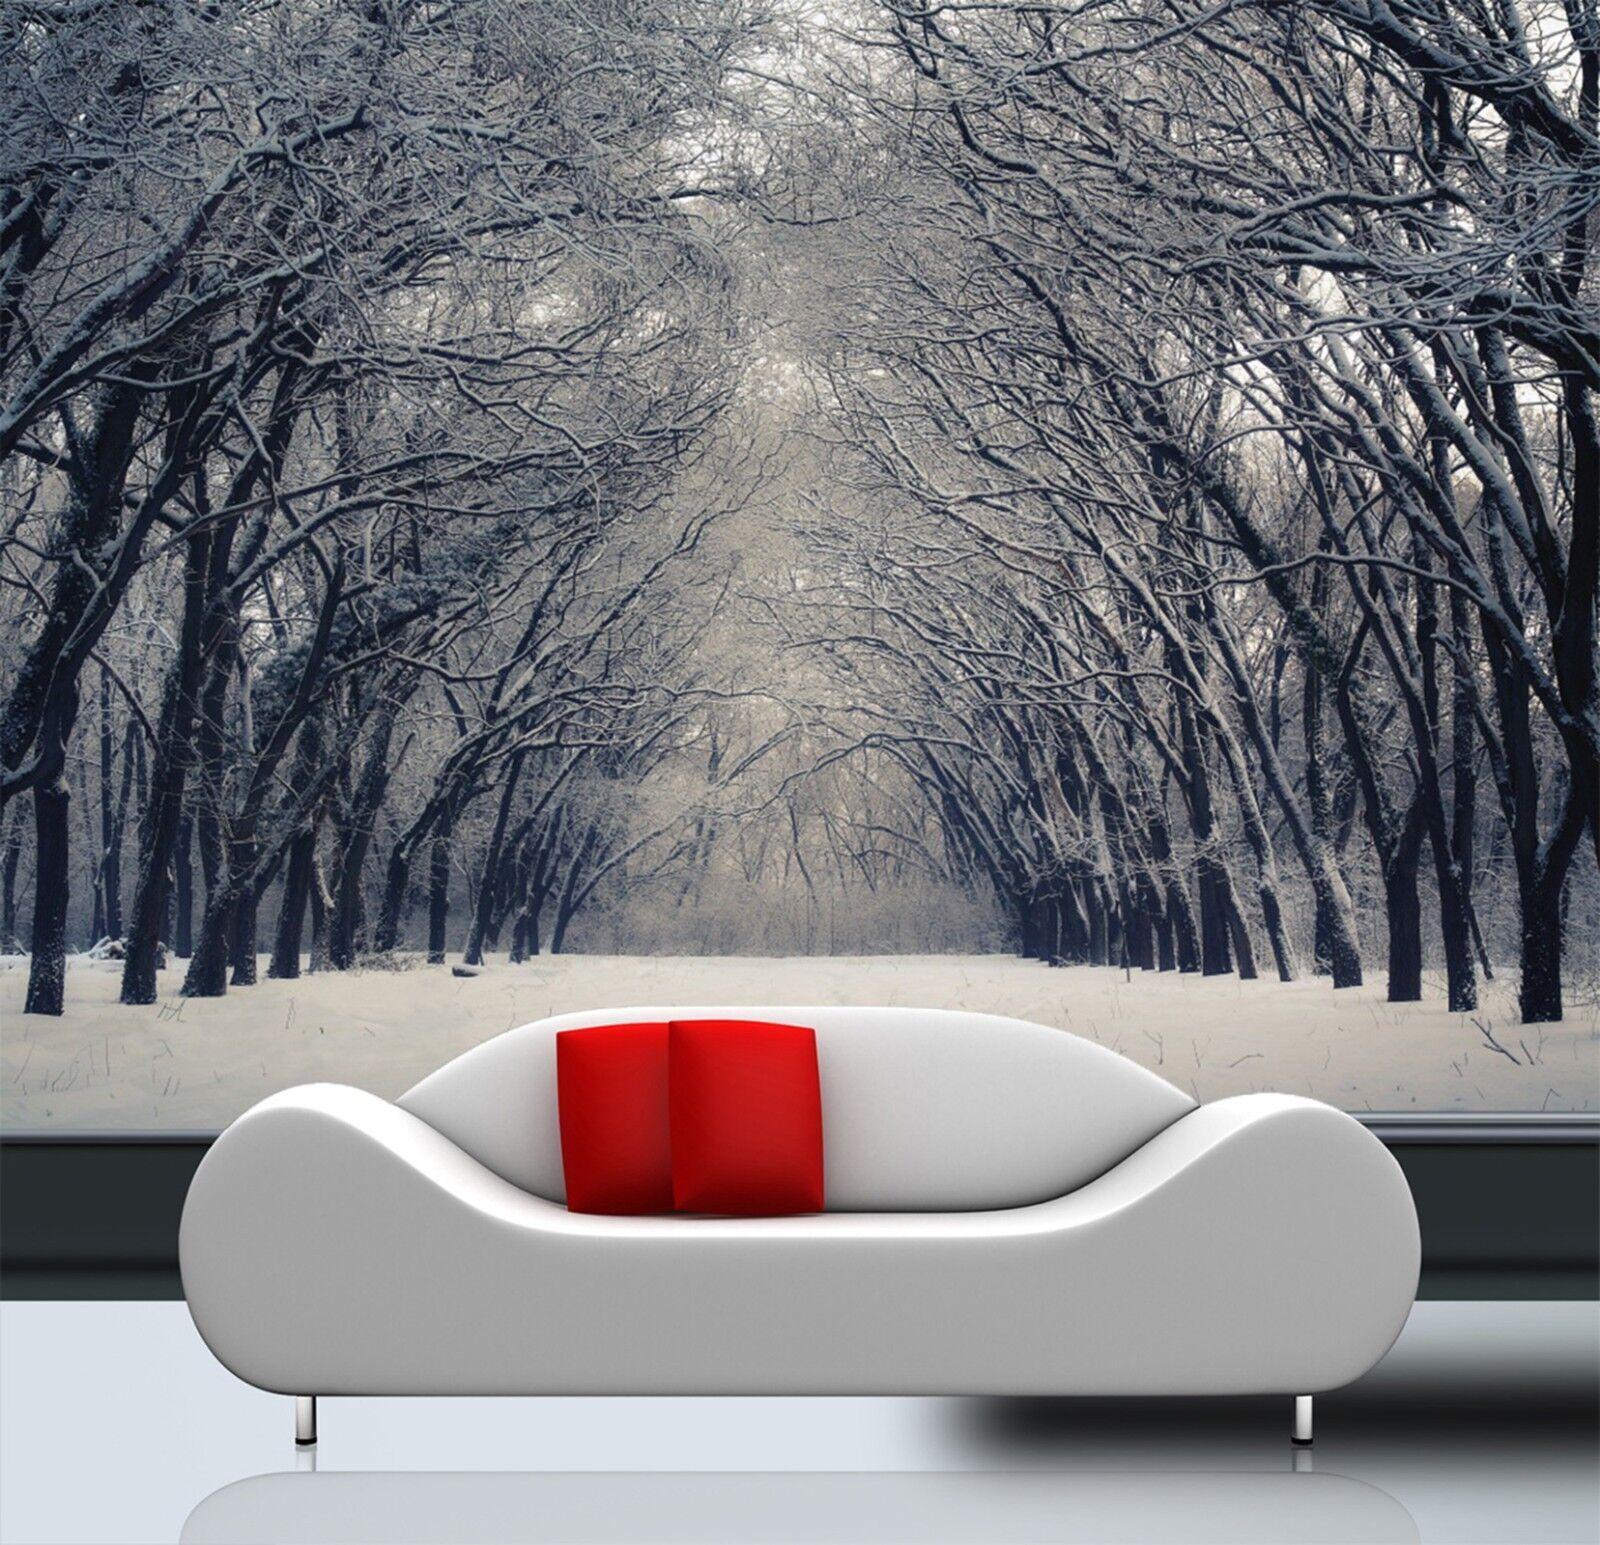 3D Wald Gehweg Landschaft 8032 Tapete Wandgemälde Tapeten Bild Familie DE Lemon | Um Eine Hohe Bewunderung Gewinnen Und Ist Weit Verbreitet Trusted In-und   | Mittlere Kosten  | Vielfalt